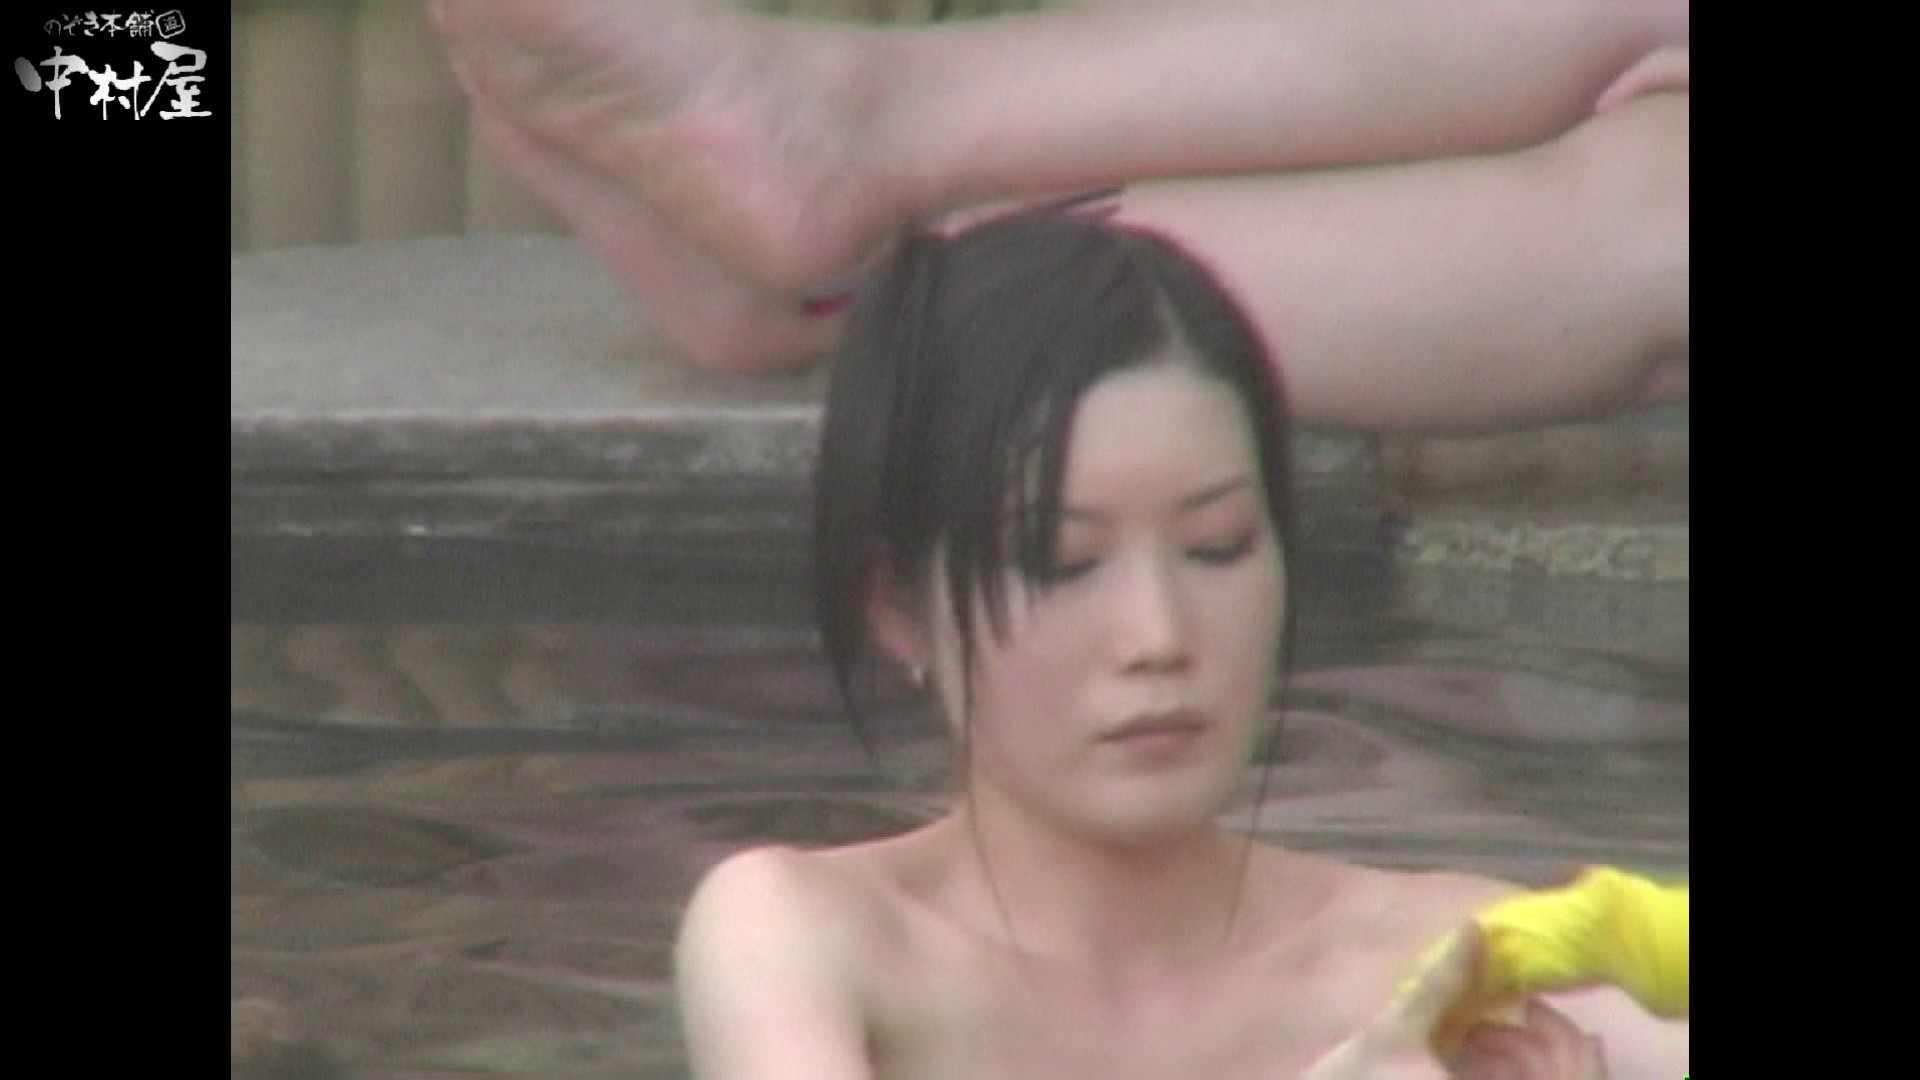 Aquaな露天風呂Vol.940 盗撮 オメコ無修正動画無料 98画像 89